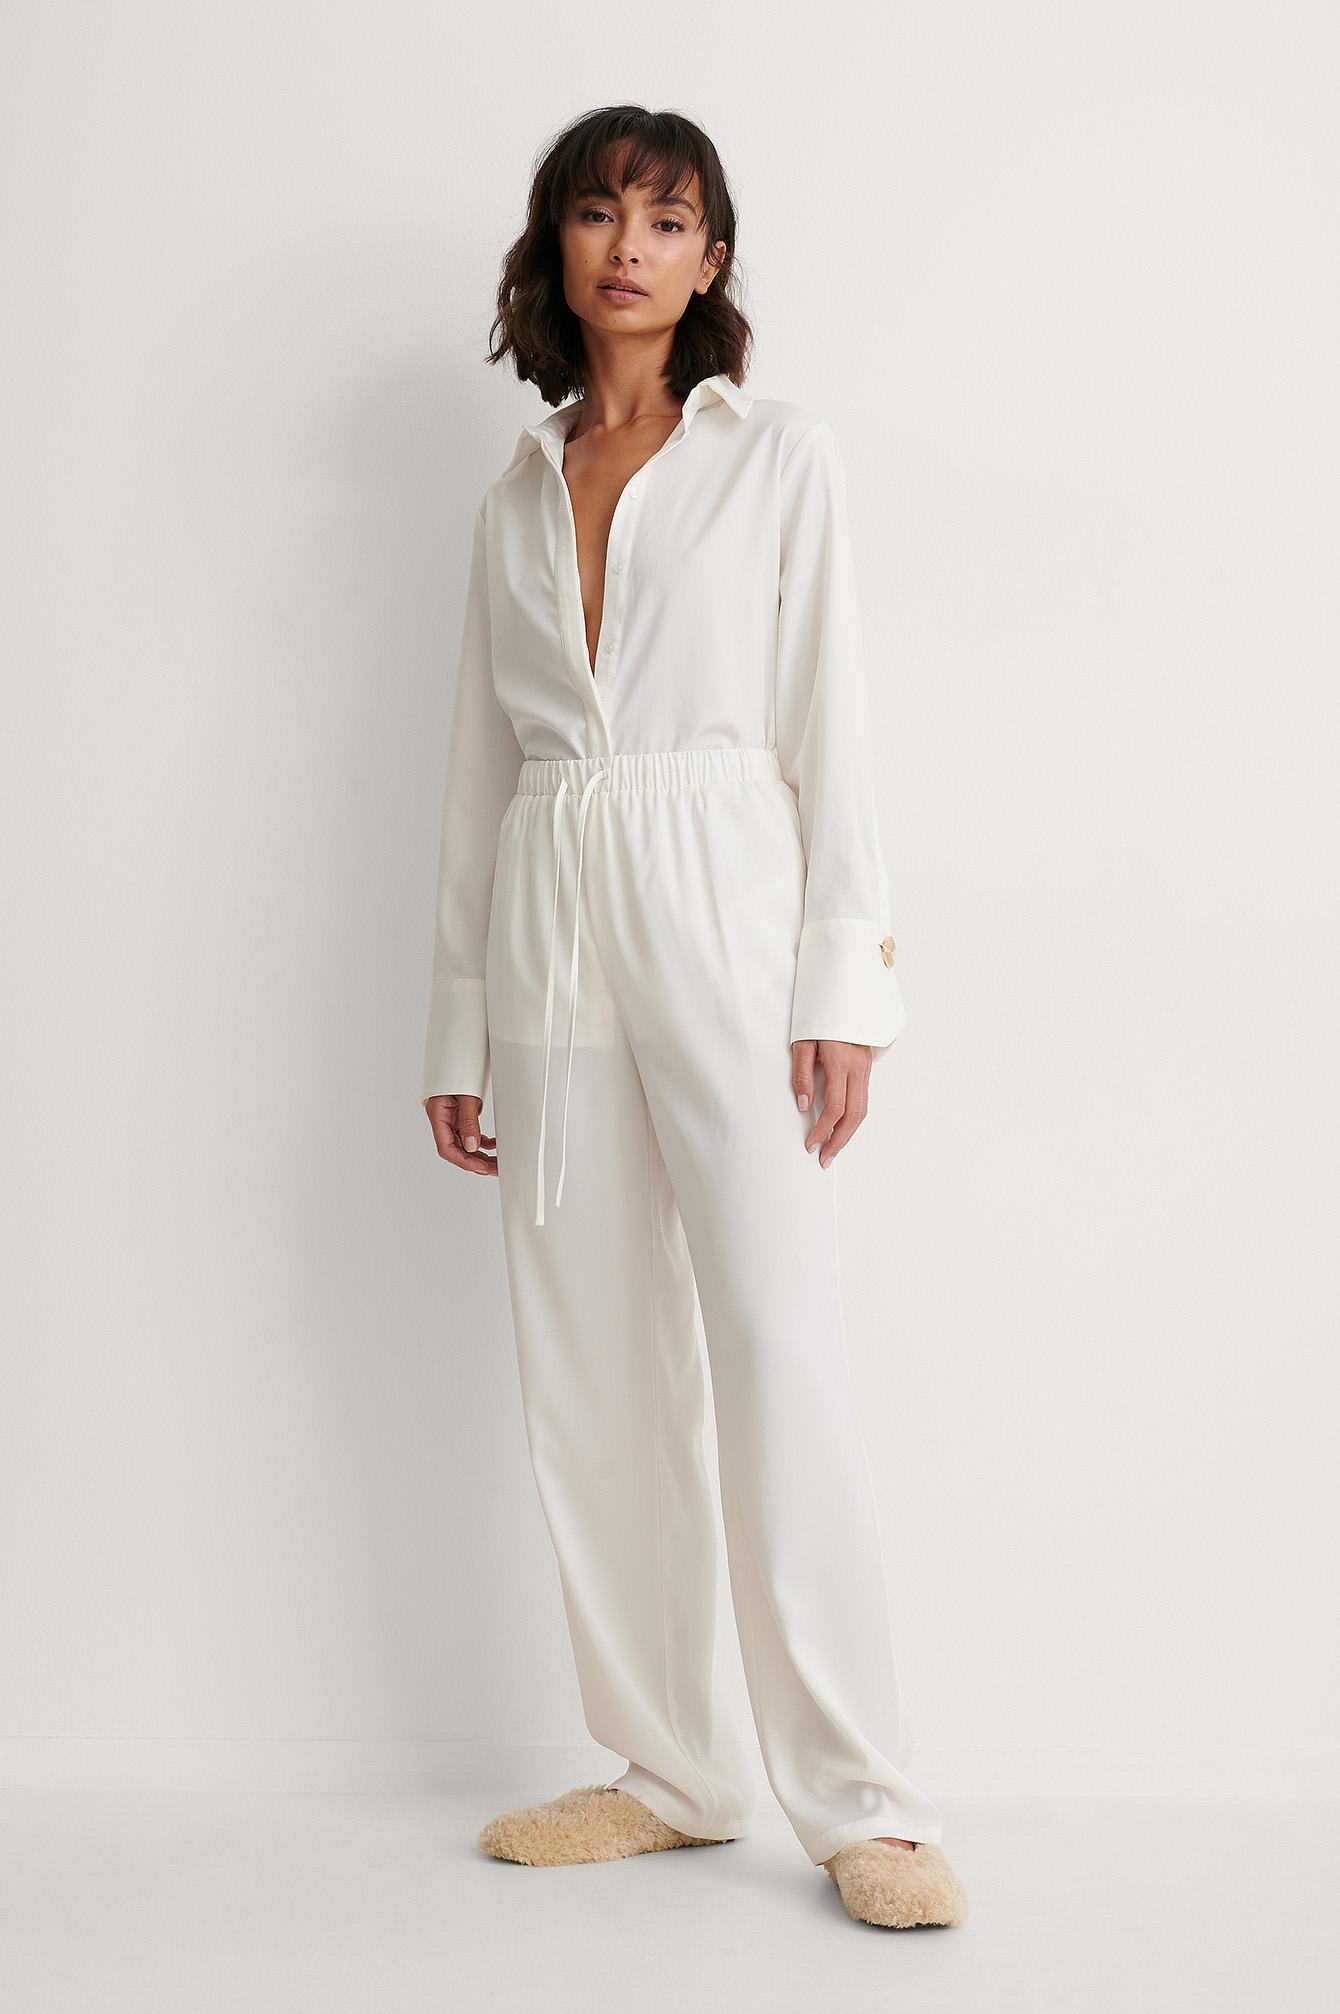 Trine Kjaer x NA-KD Genanvendte Bukser Med Bindetalje - White